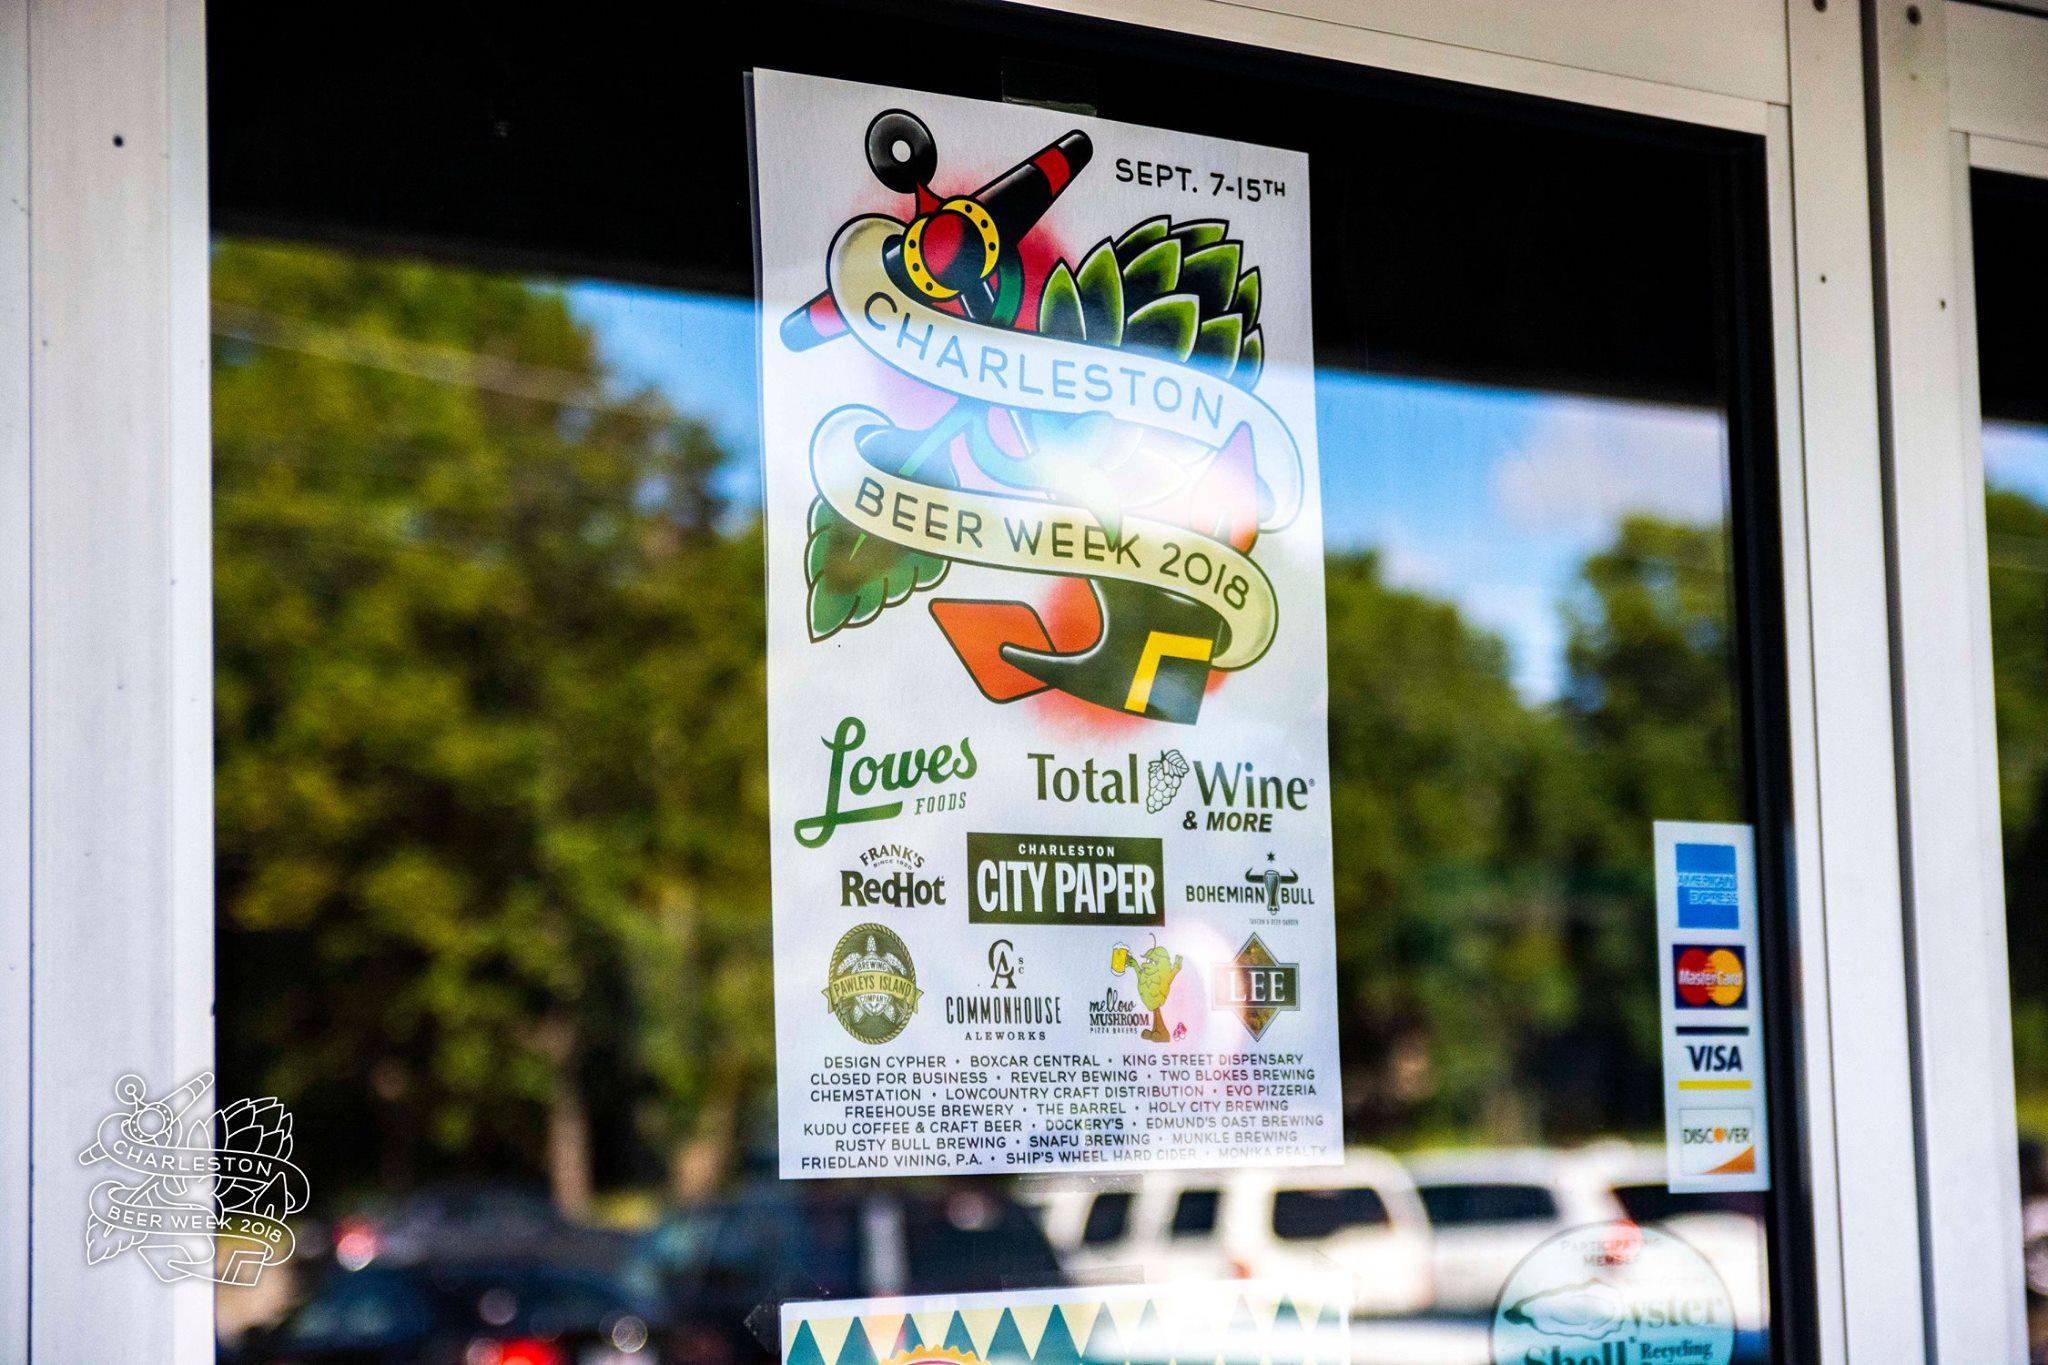 The 2018 Charleston Beer Week Sponsor Poster